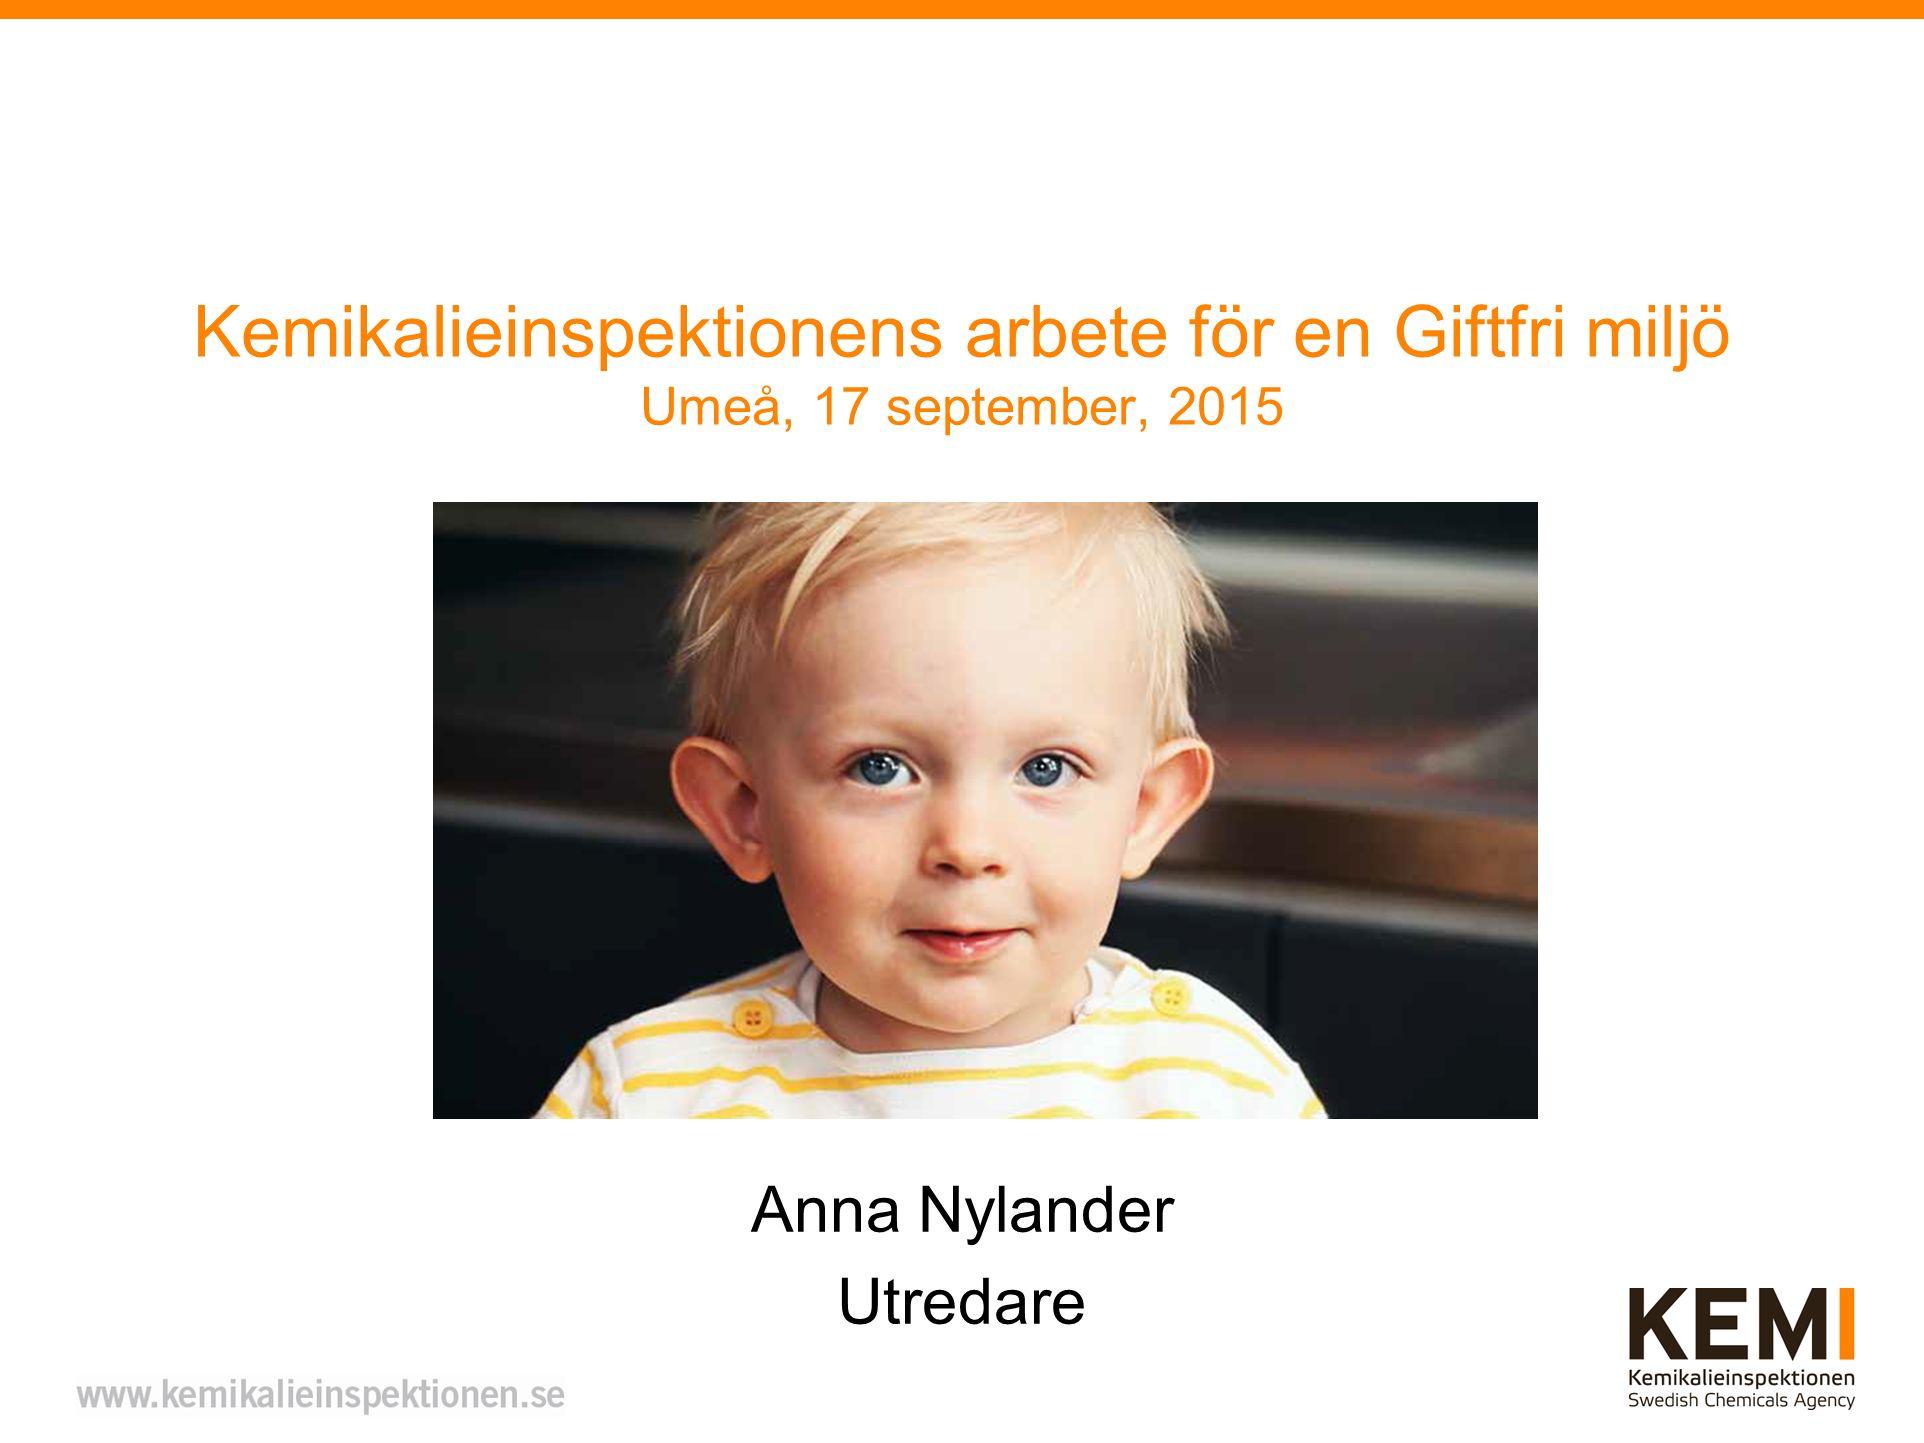 Kemikalieinspektionens arbete för en Giftfri miljö Umeå, 17 september, 2015 Anna Nylander Utredare